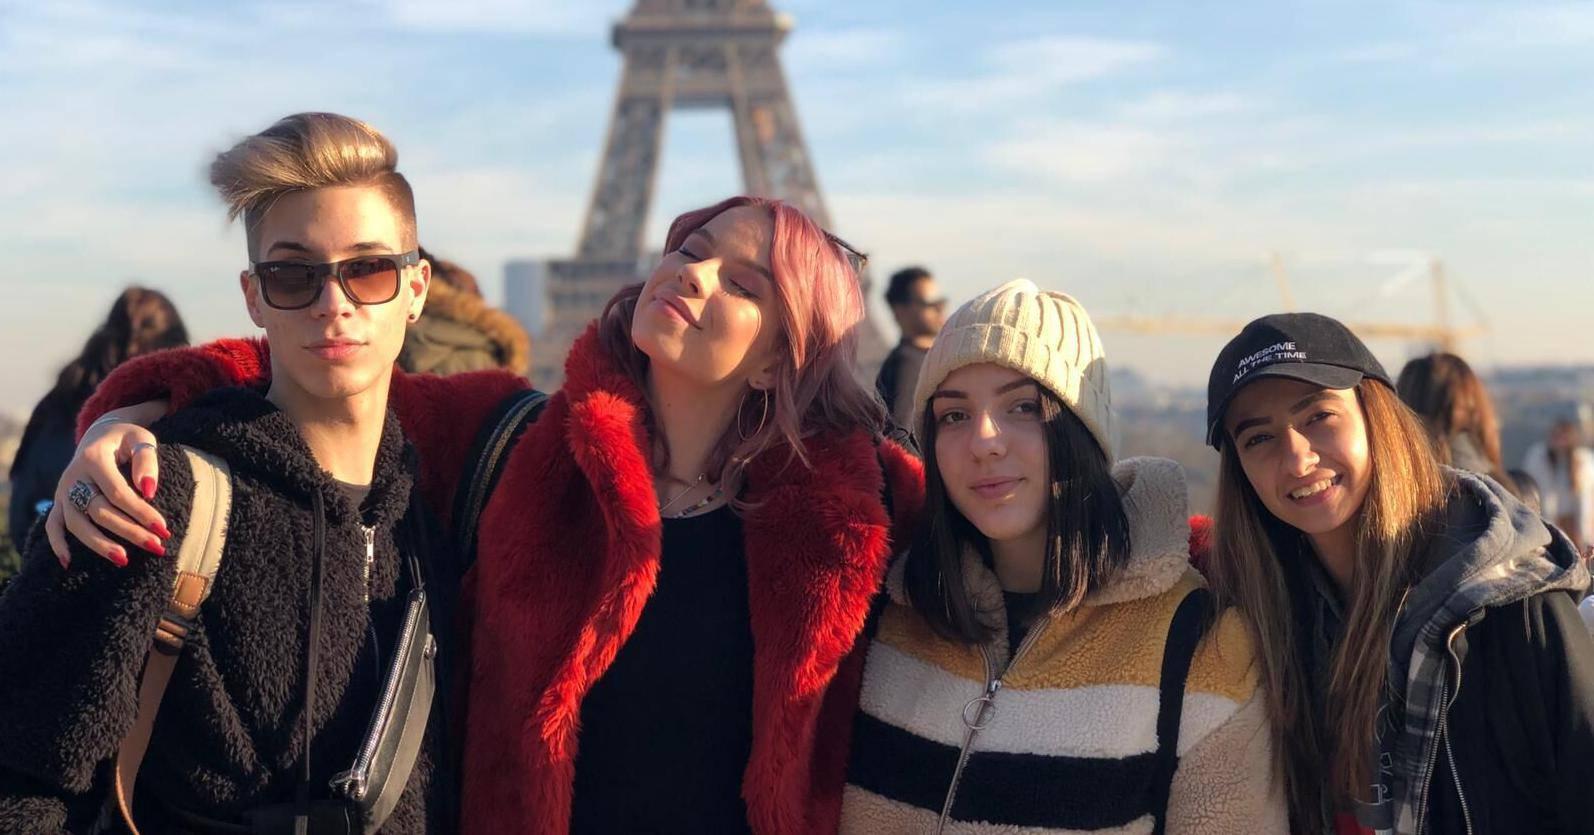 'Parižanin mi je poklonio ružu, a stranac me ljubio kod Eiffela'